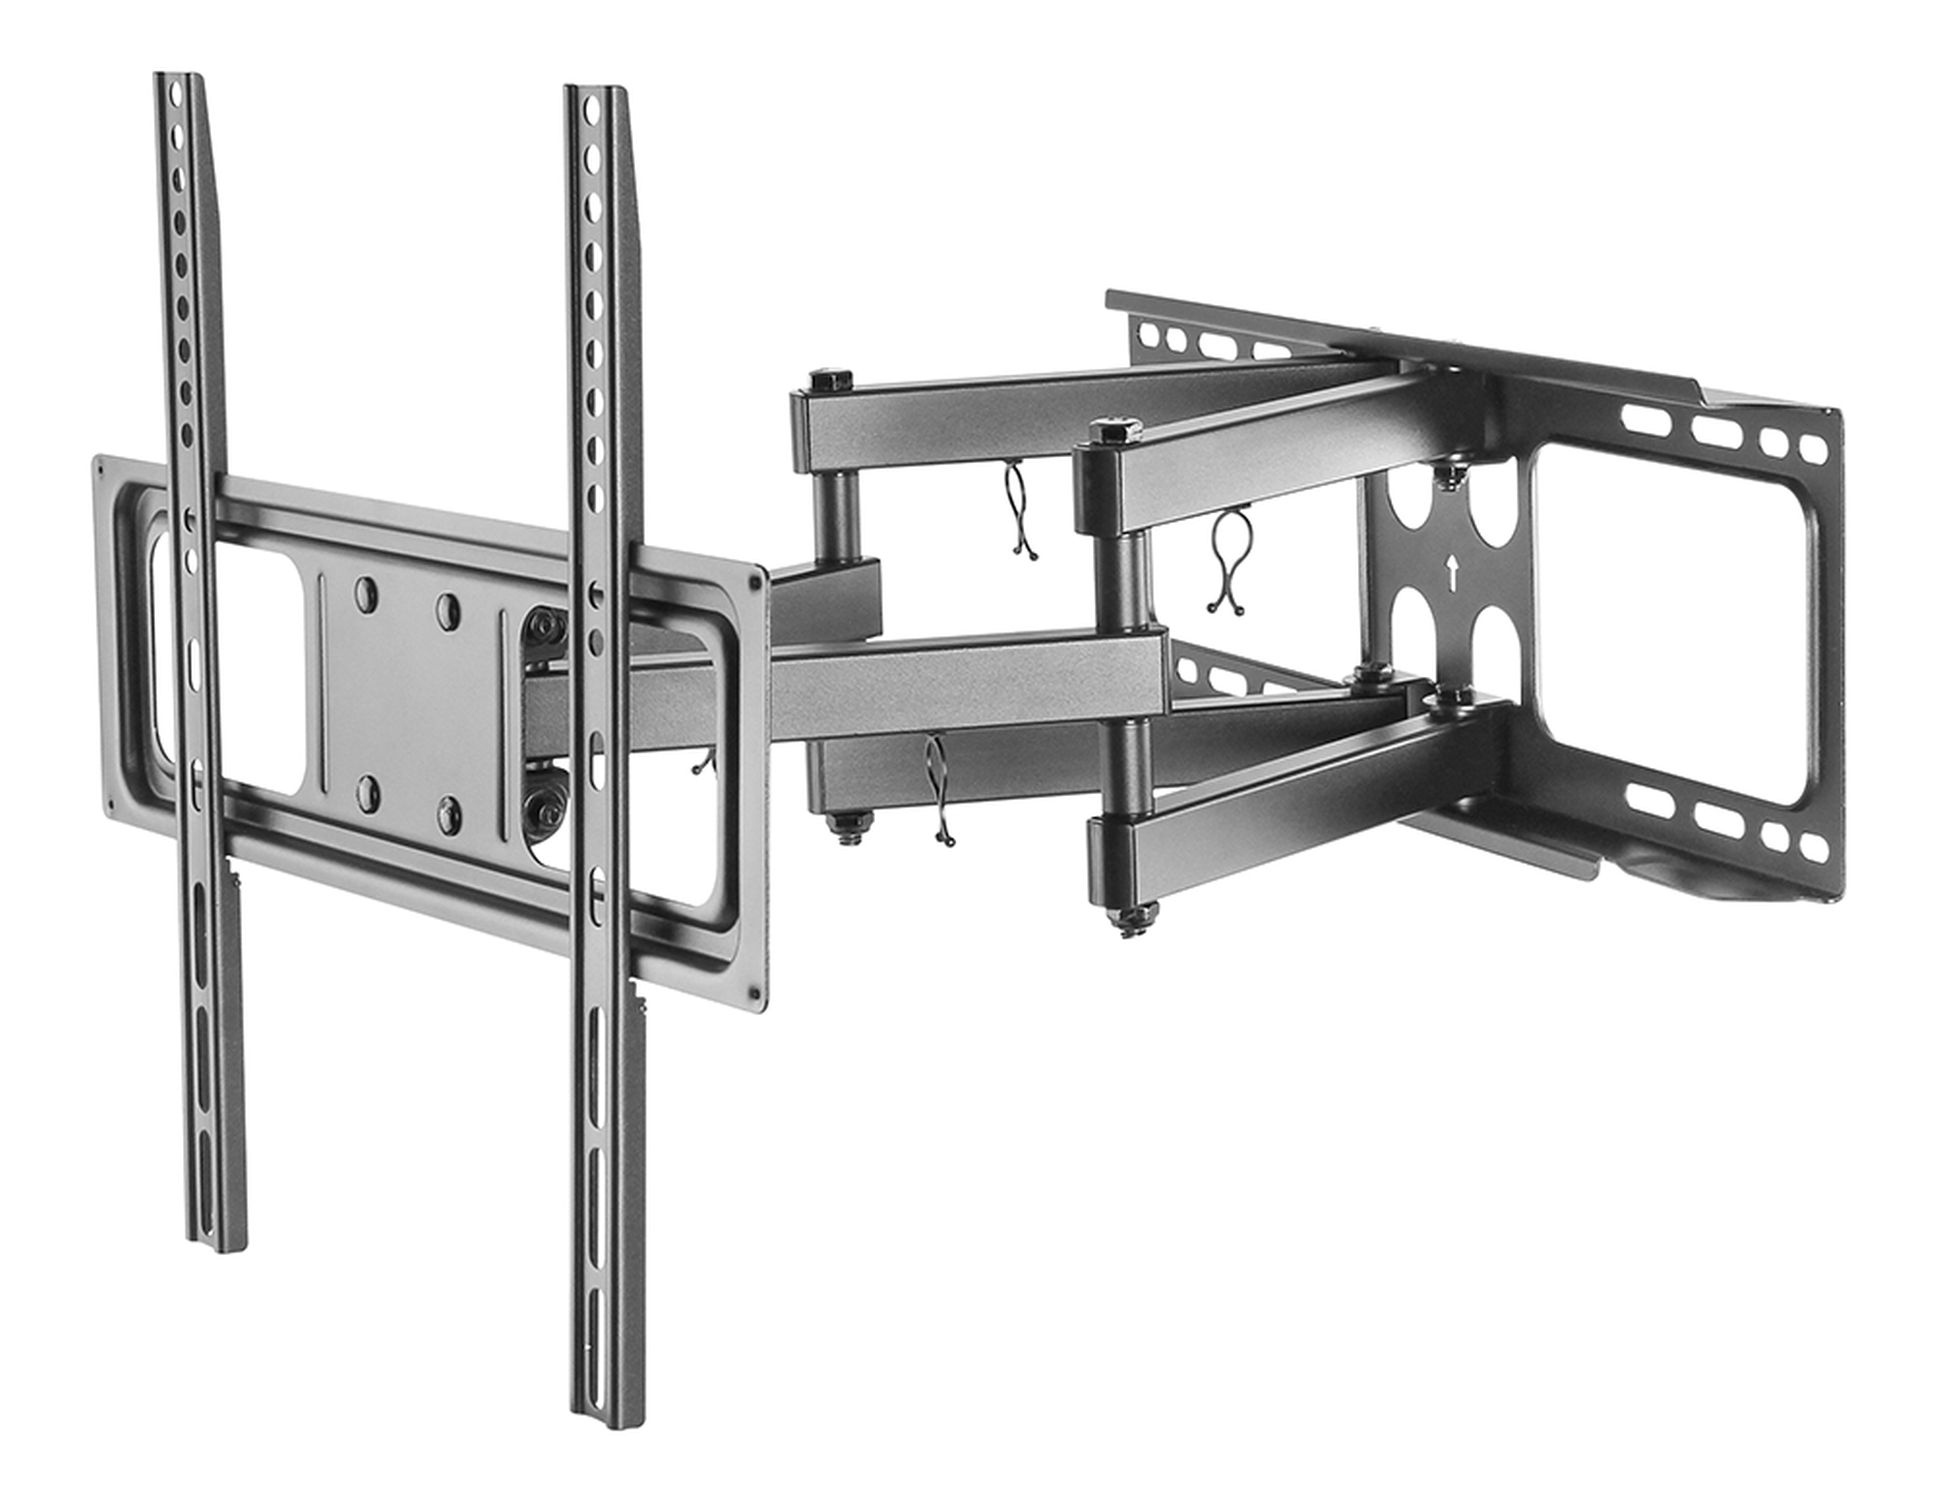 Deltaco ARM-1202 Wandhalterung voll beweglich, für TV/Monitor 32-55 Zoll